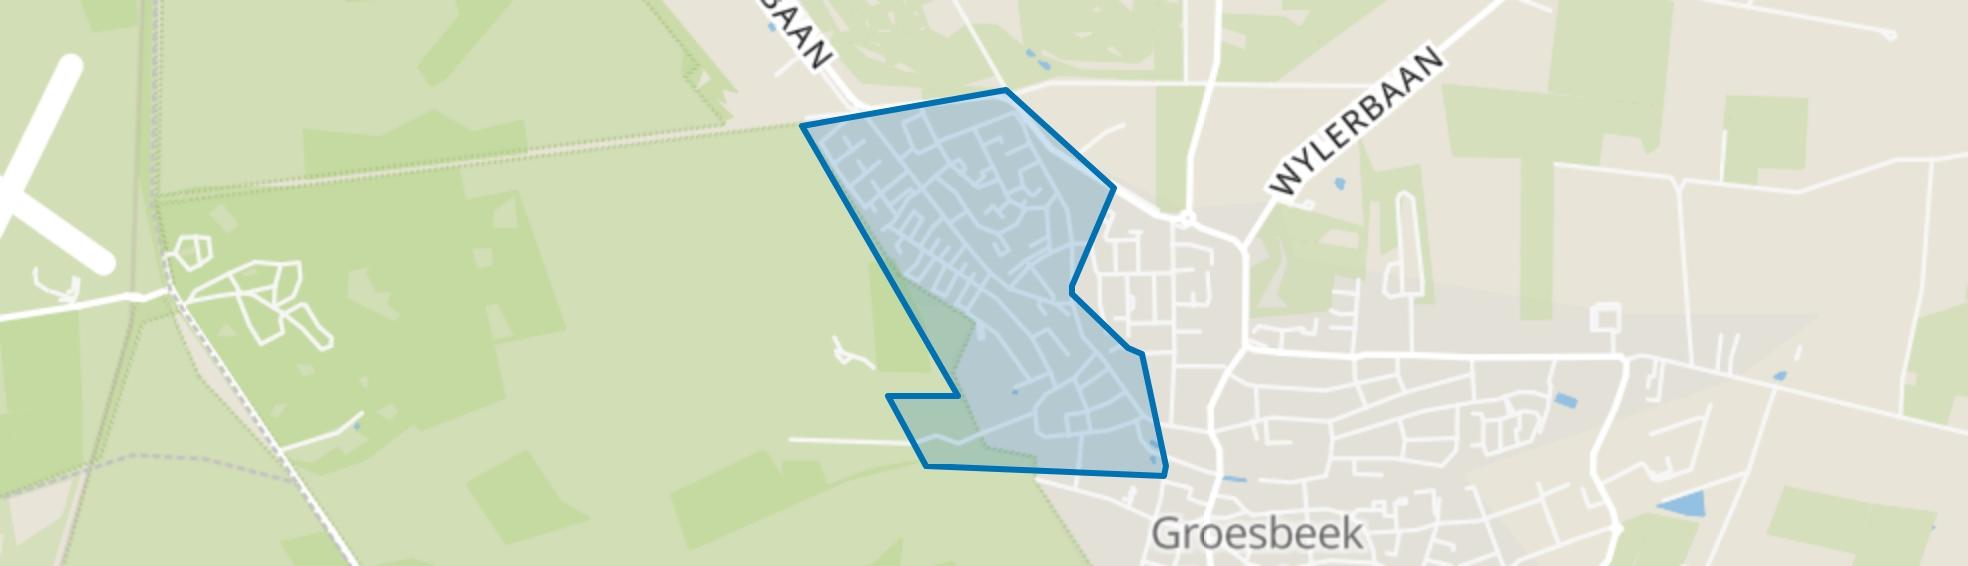 Groesbeek Stekkenberg, Groesbeek map